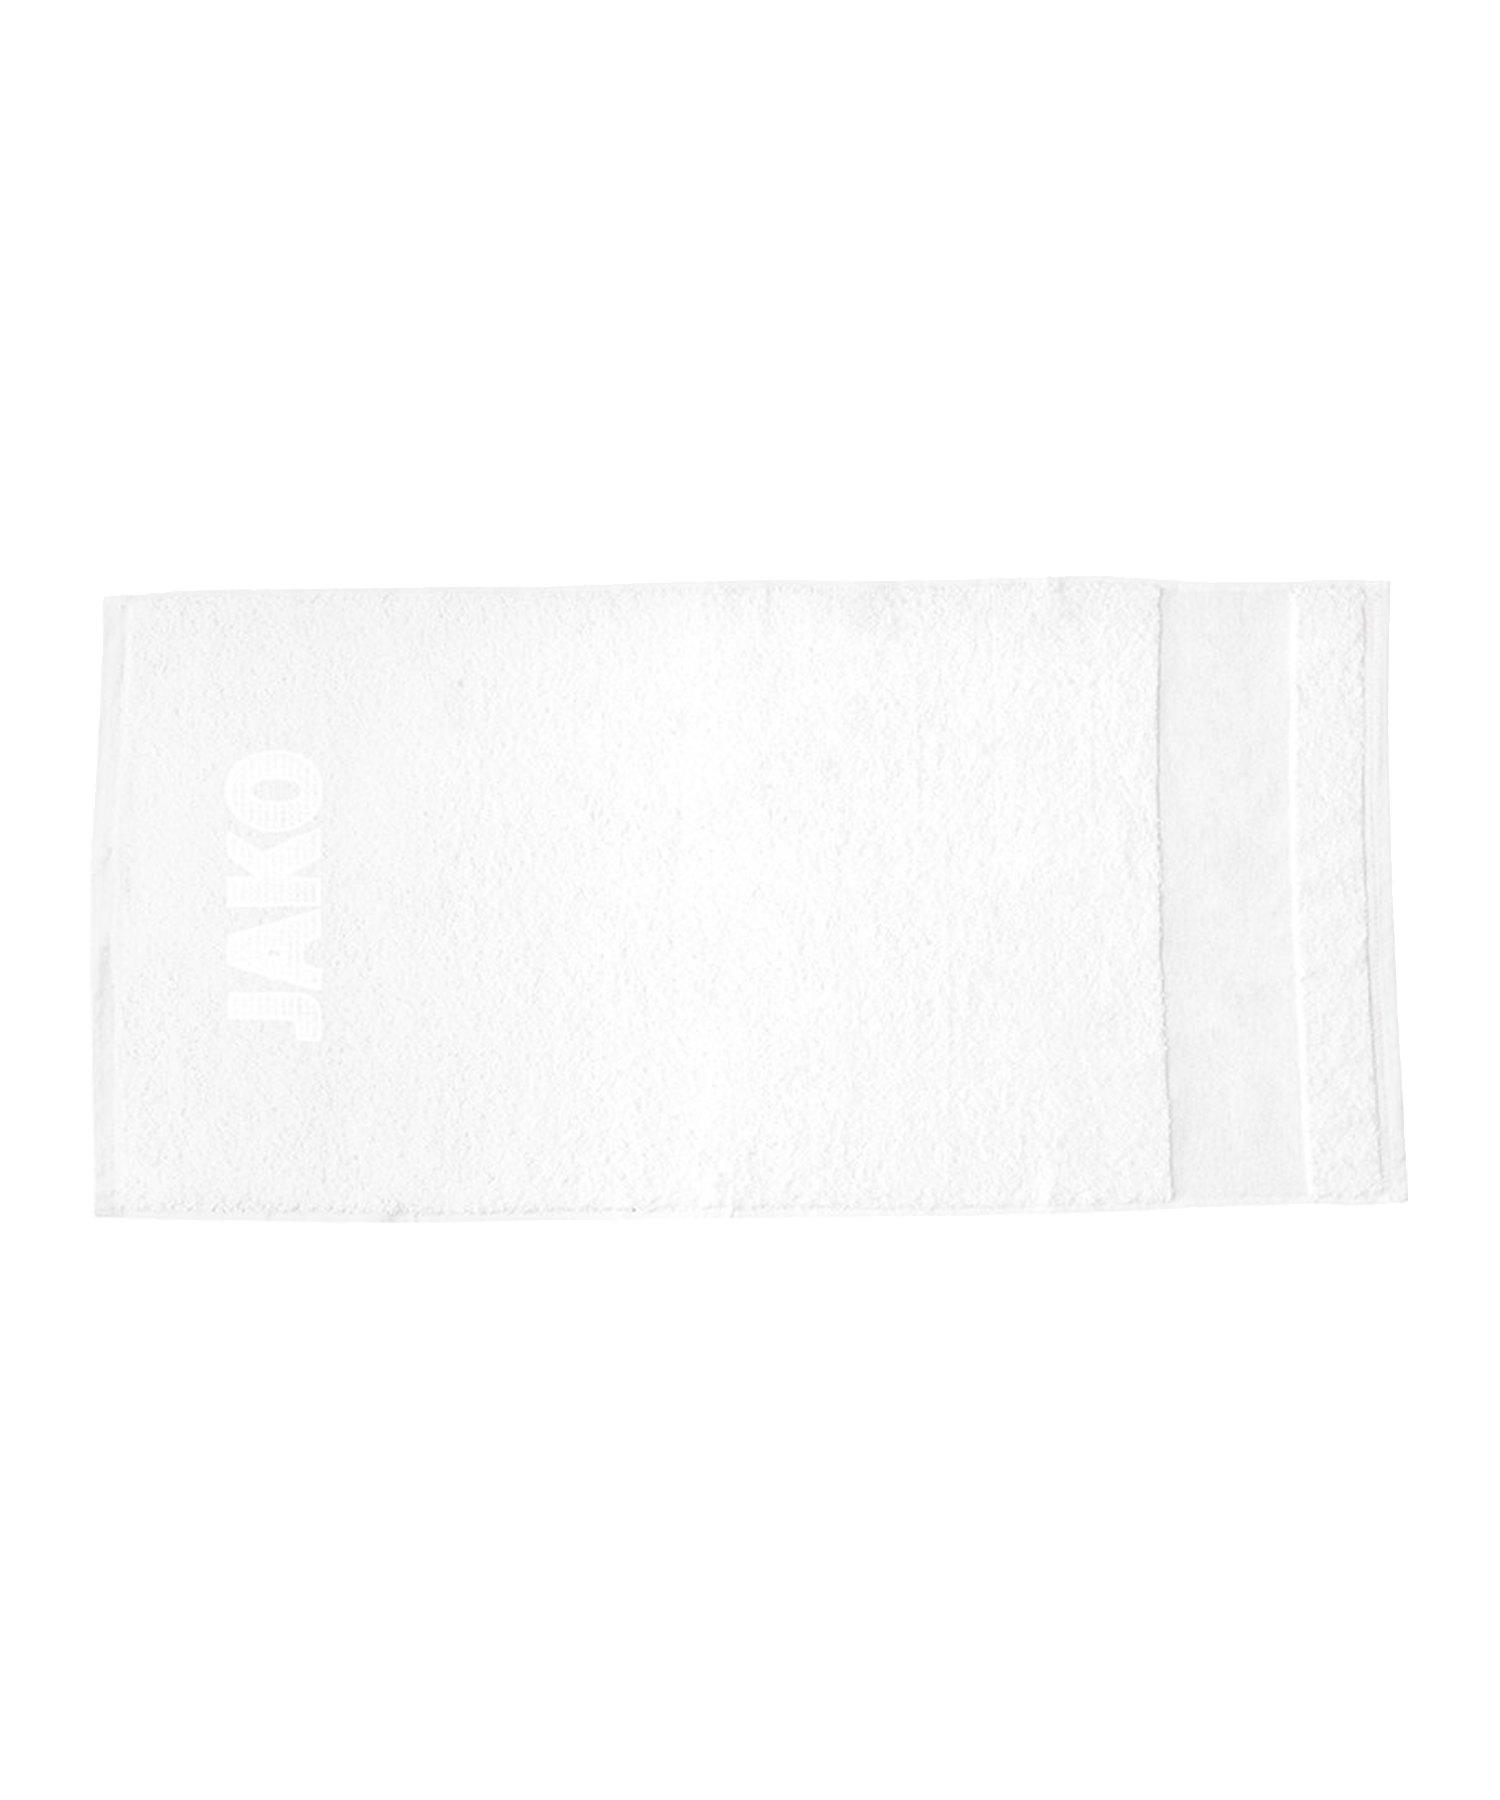 Jako Handtuch 50x100cm Weiss F00 - weiss